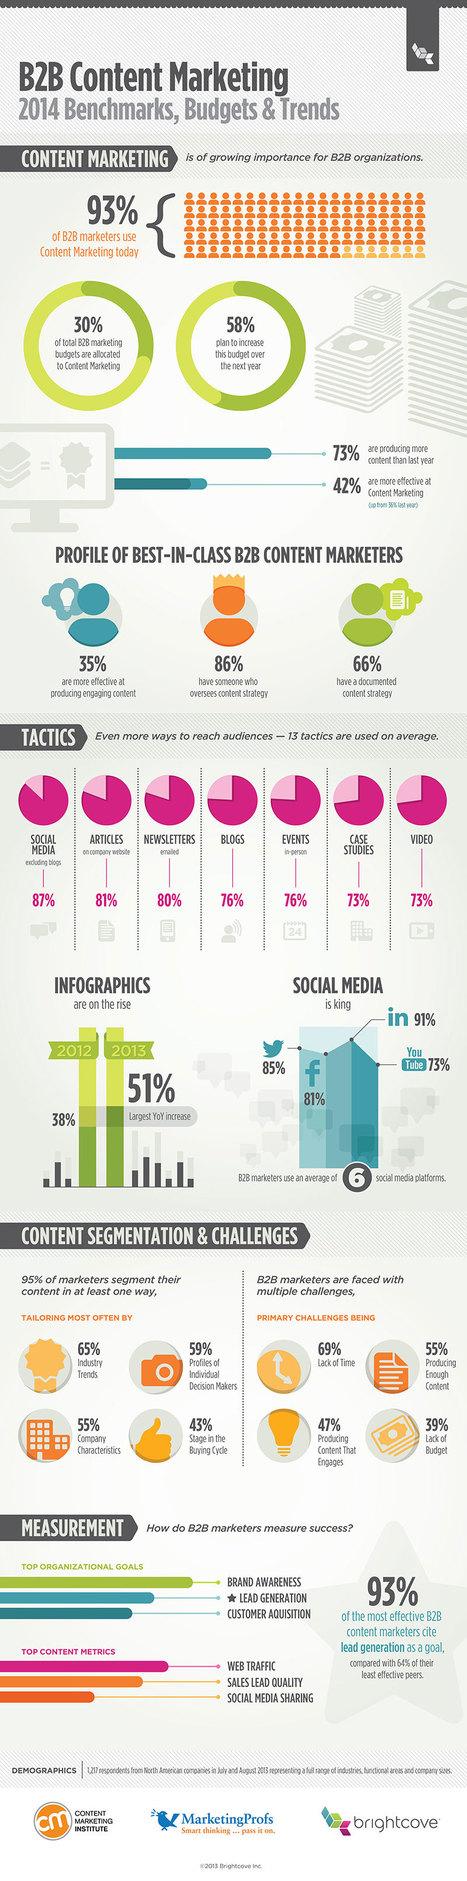 Le Content Marketing en B2B - UpMyBiz   patricia almeida   Scoop.it